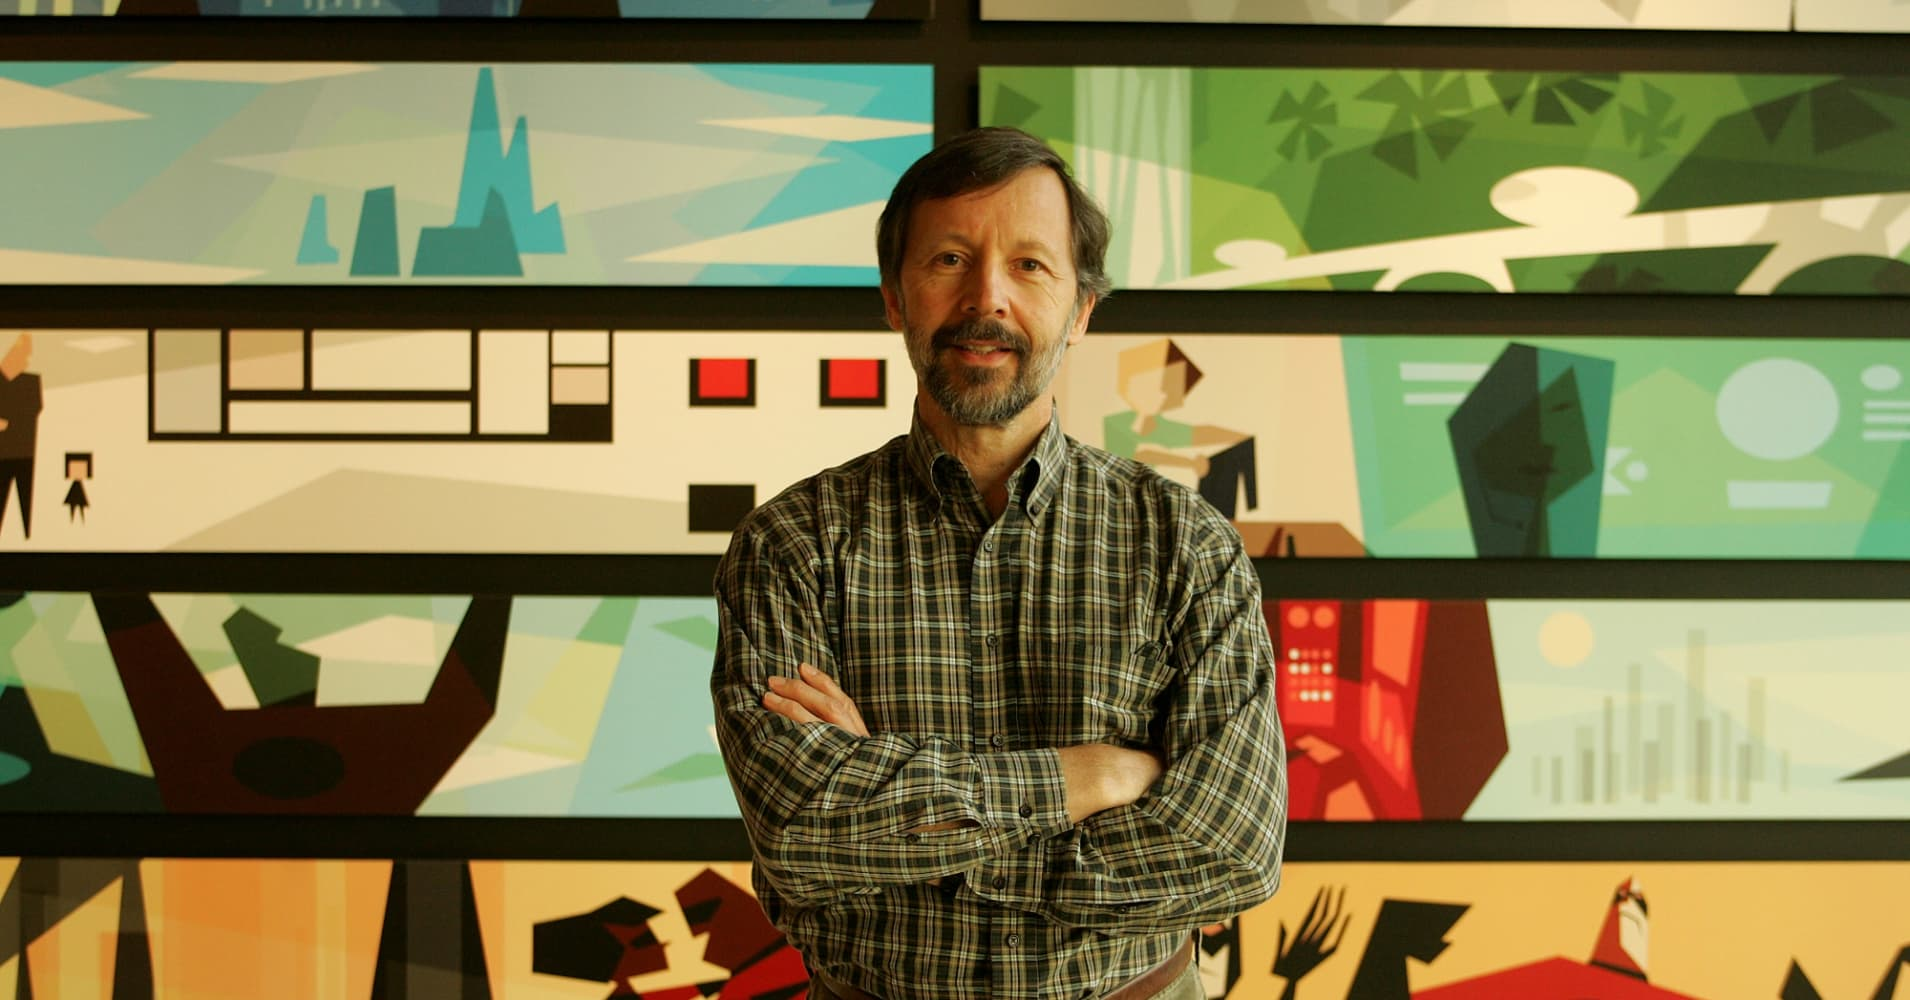 Ed Catmull, President of Pixar